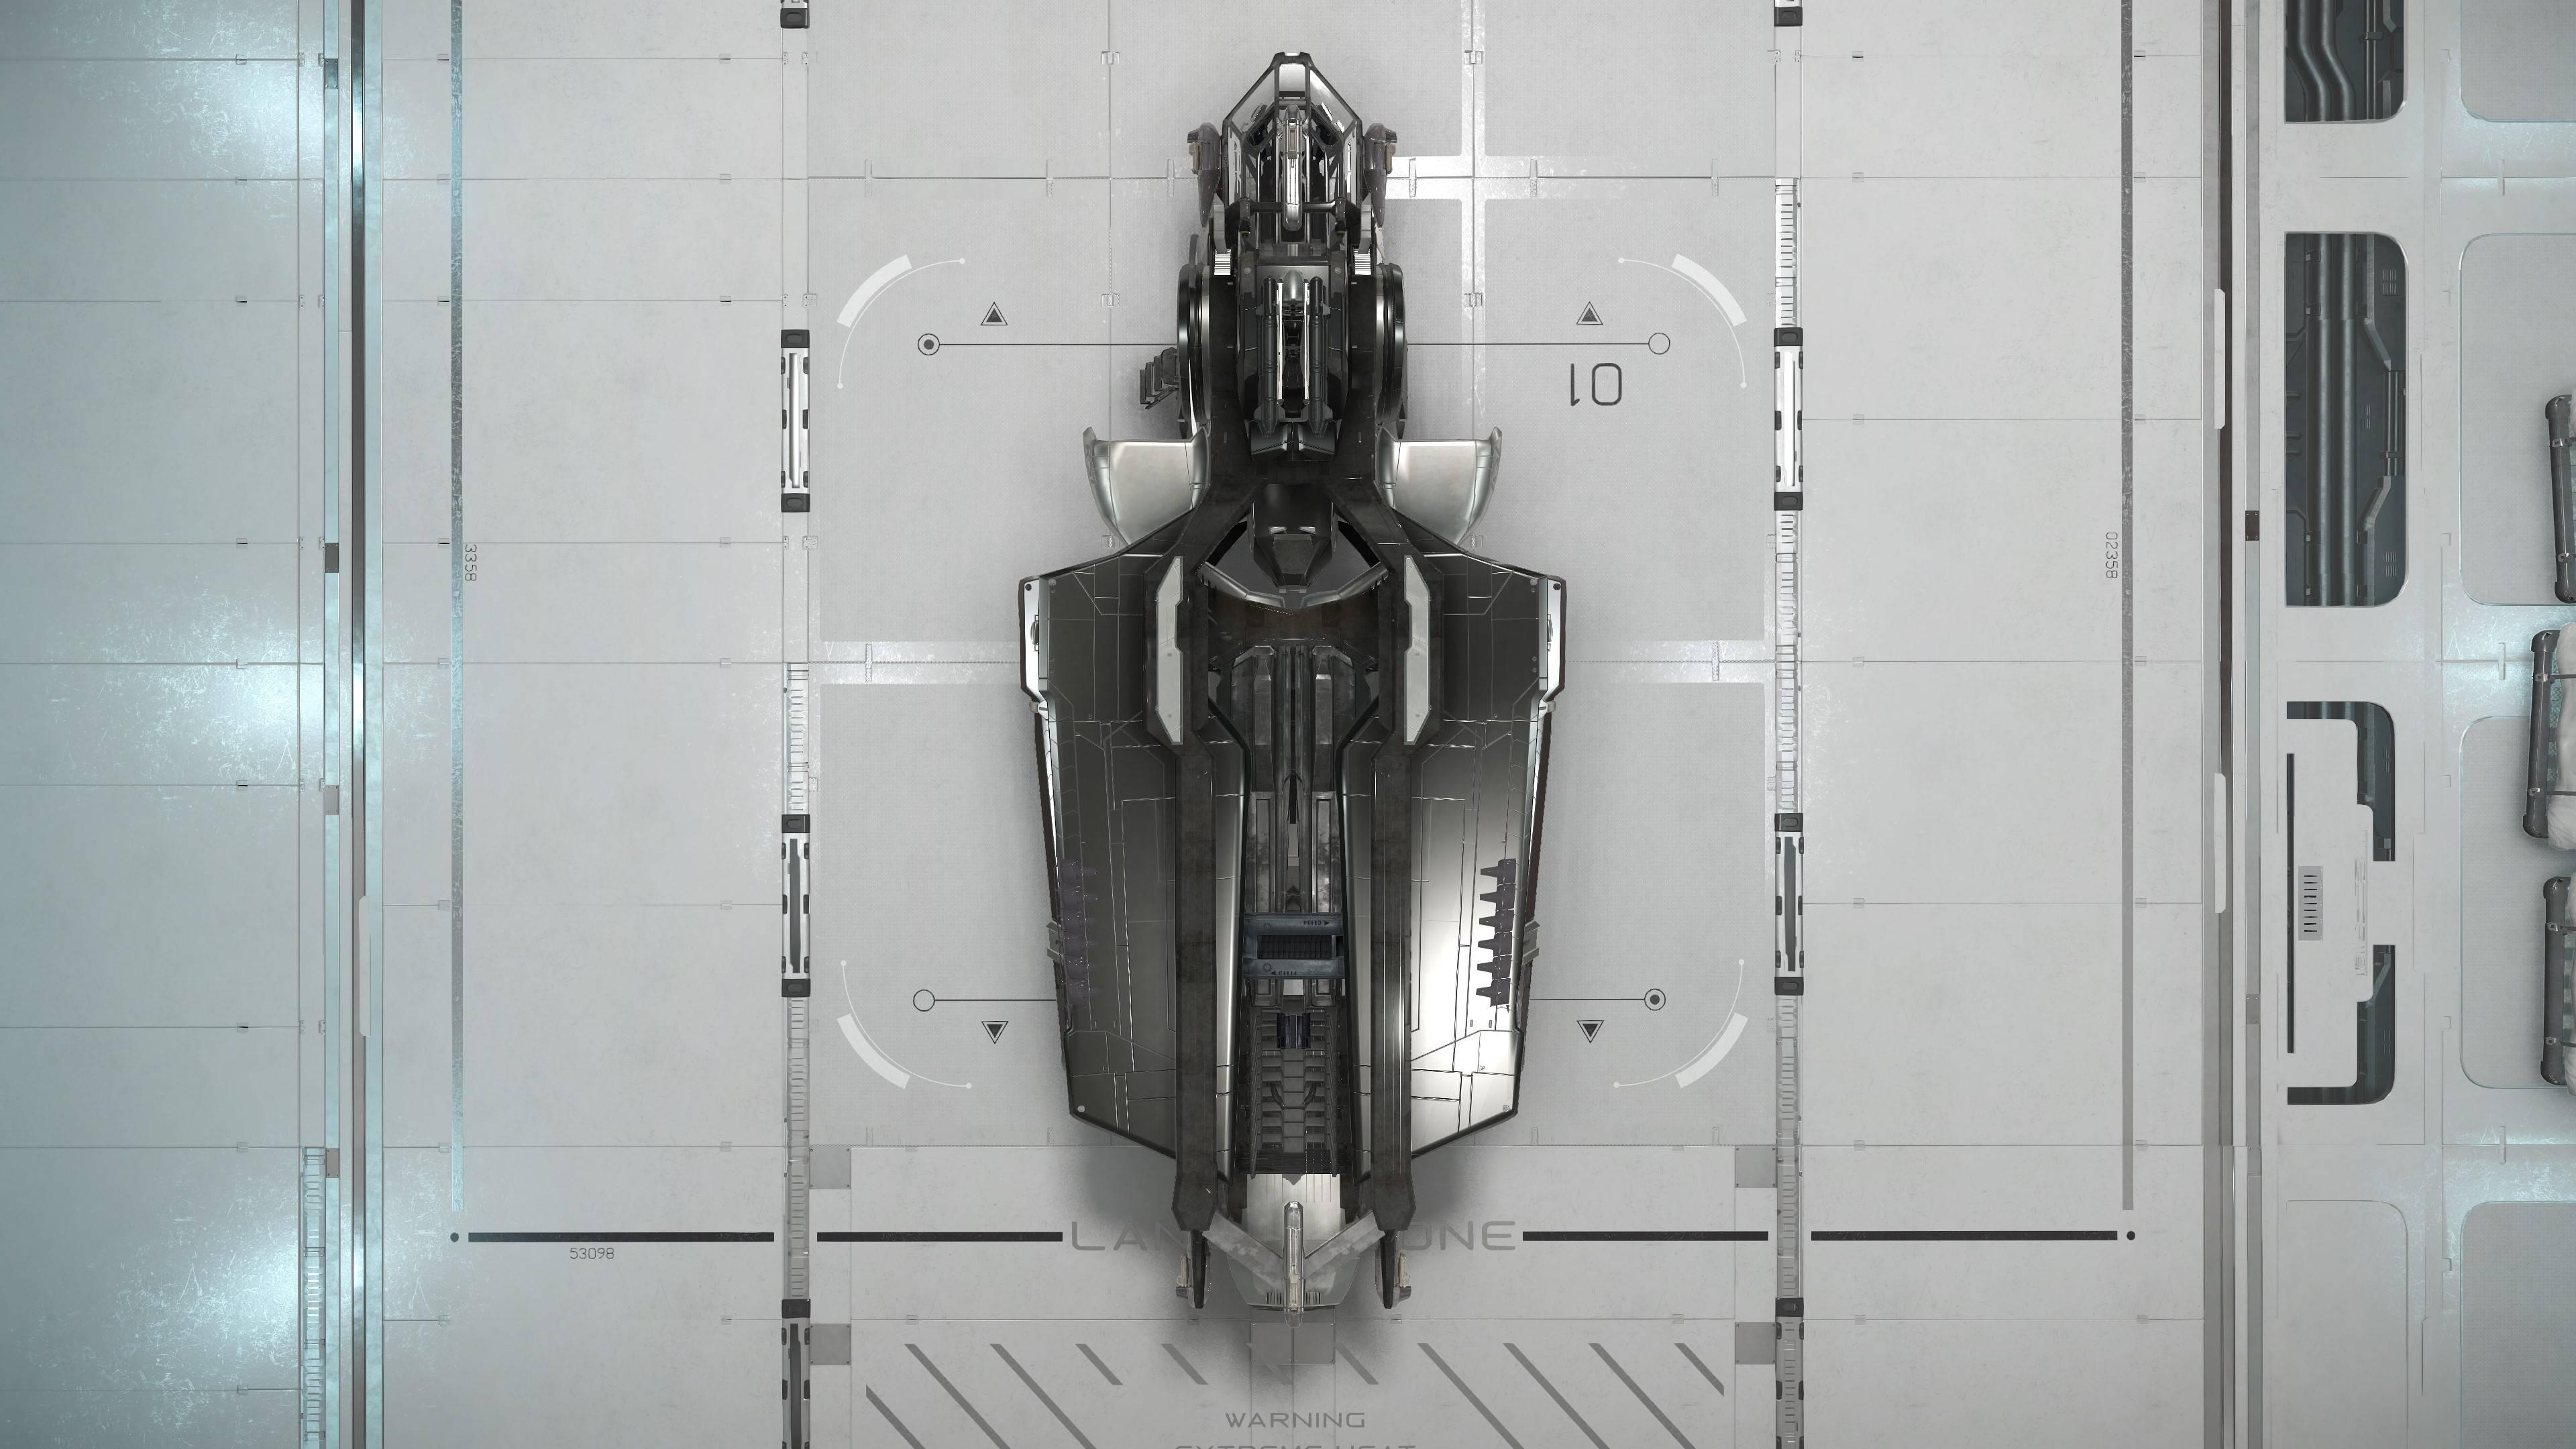 RSI Aurora LX